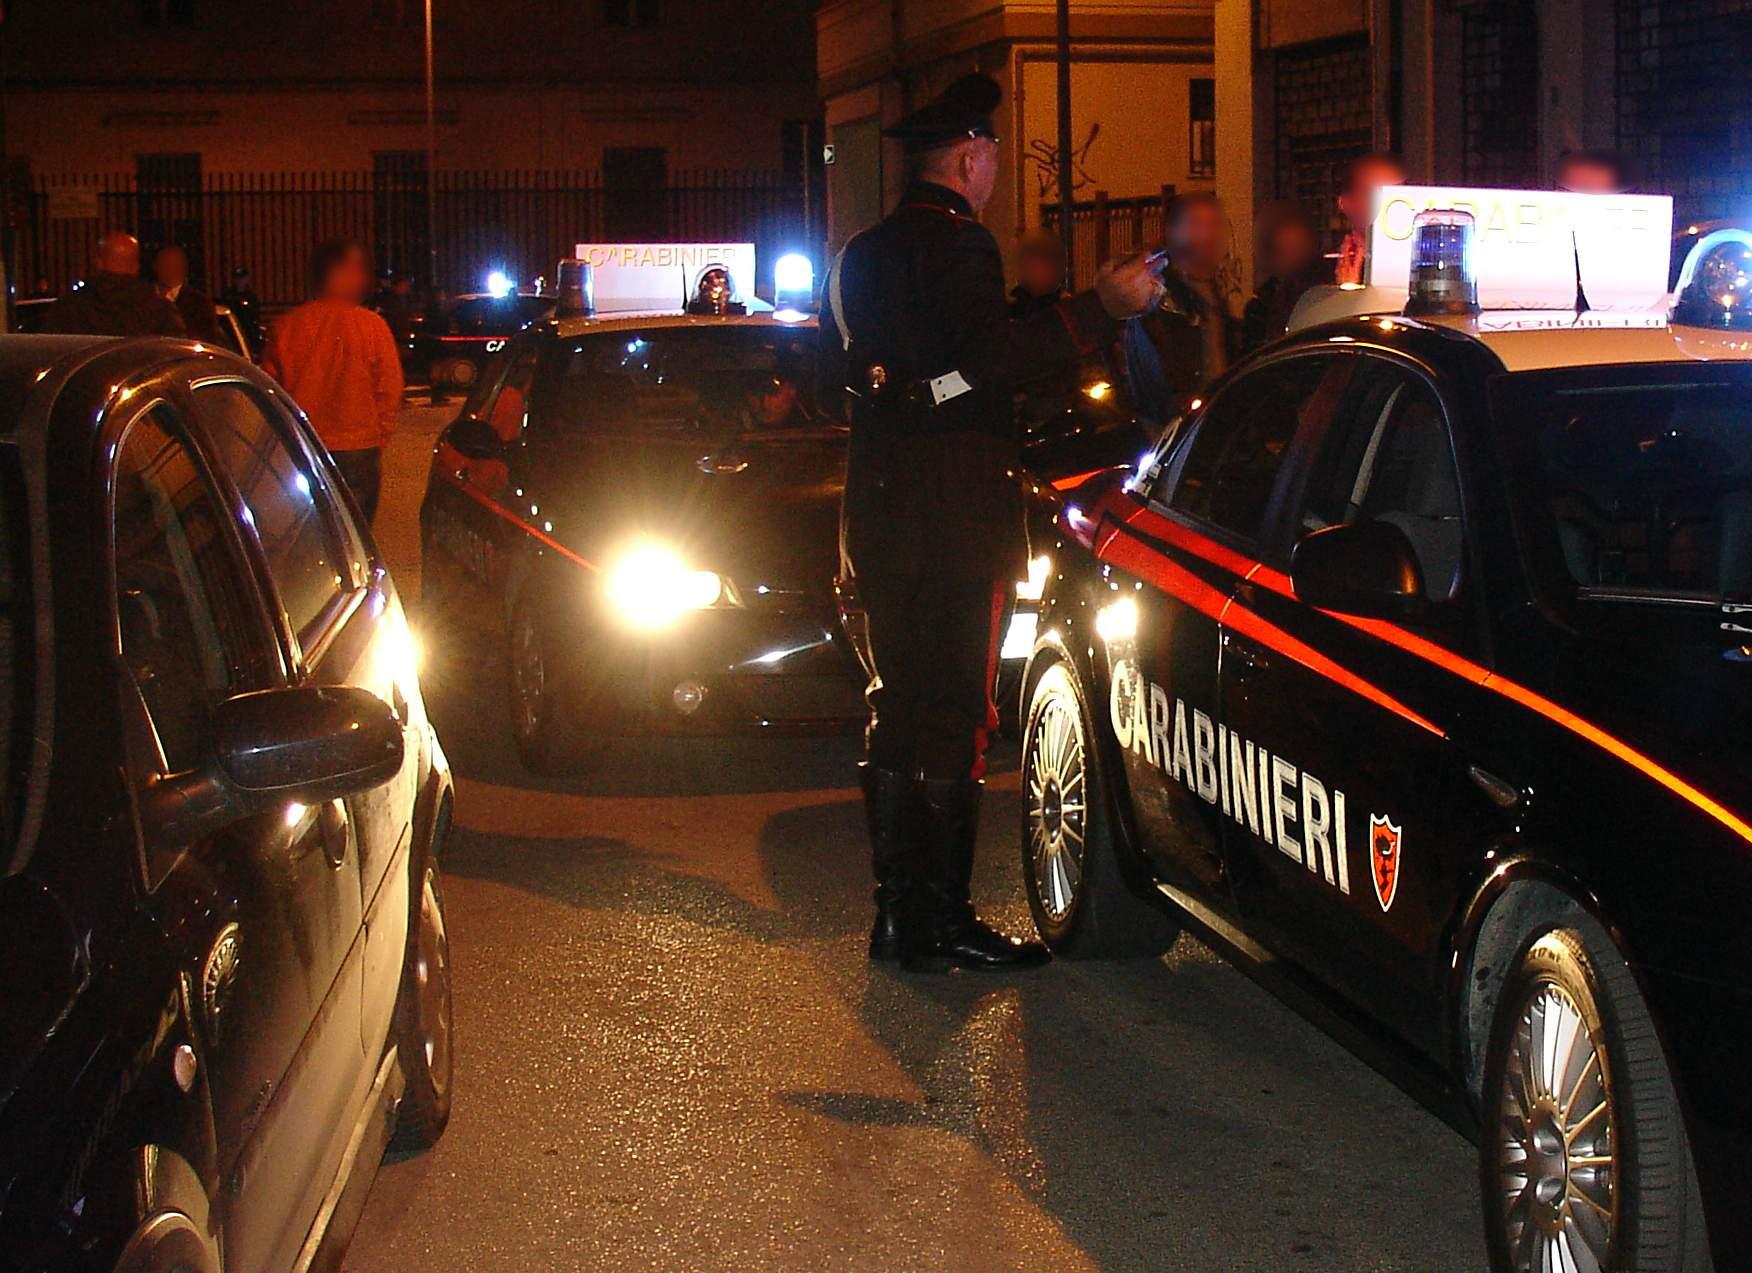 Avellino| Abuso di alcol tra gli adolescenti: 7 denunce, 35 multe e 3 locali segnalati